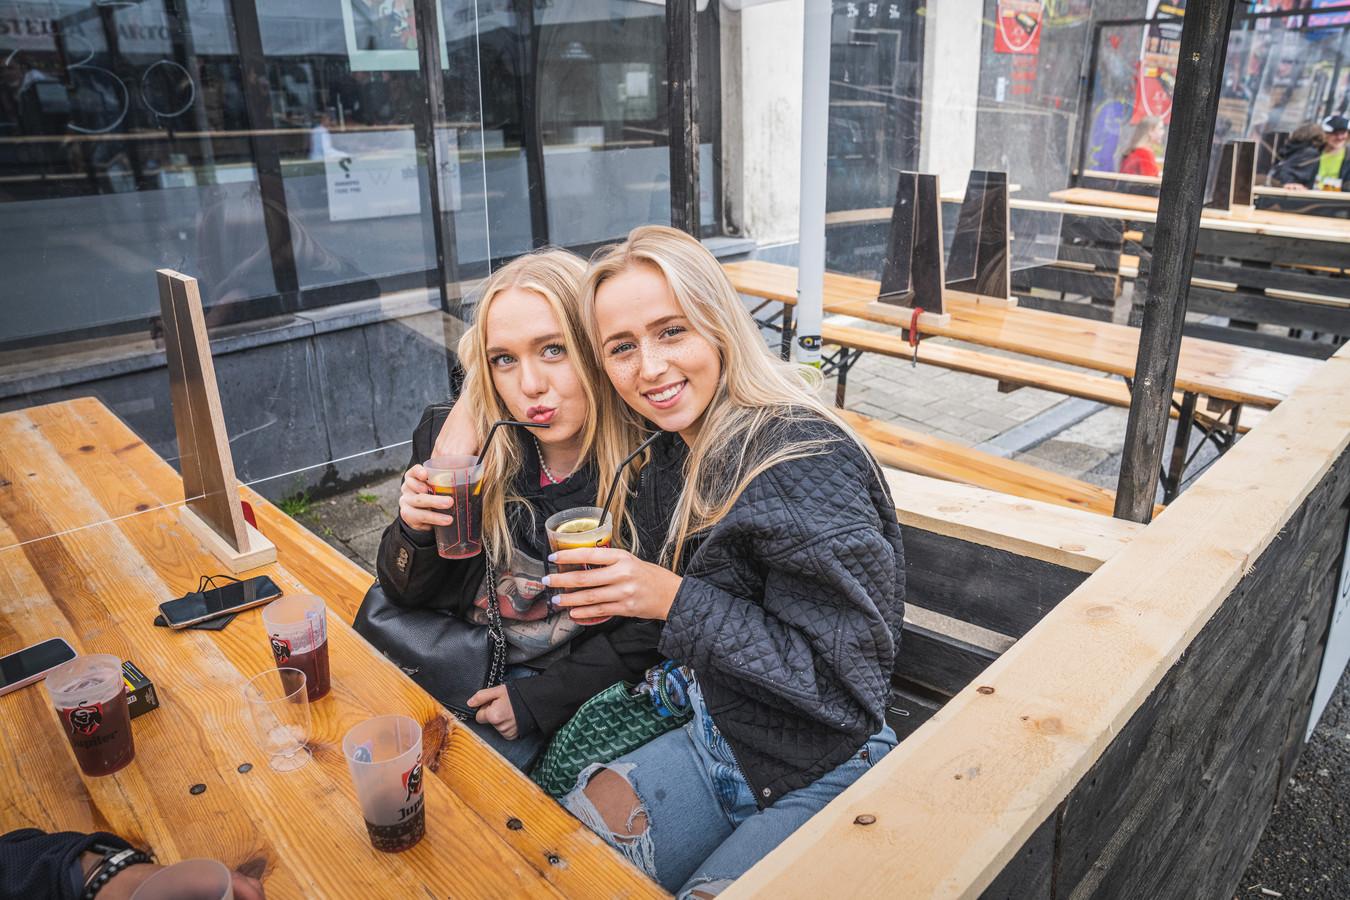 Janne en Luna vieren de 19de verjaardag van Luna in de Overpoortstraat